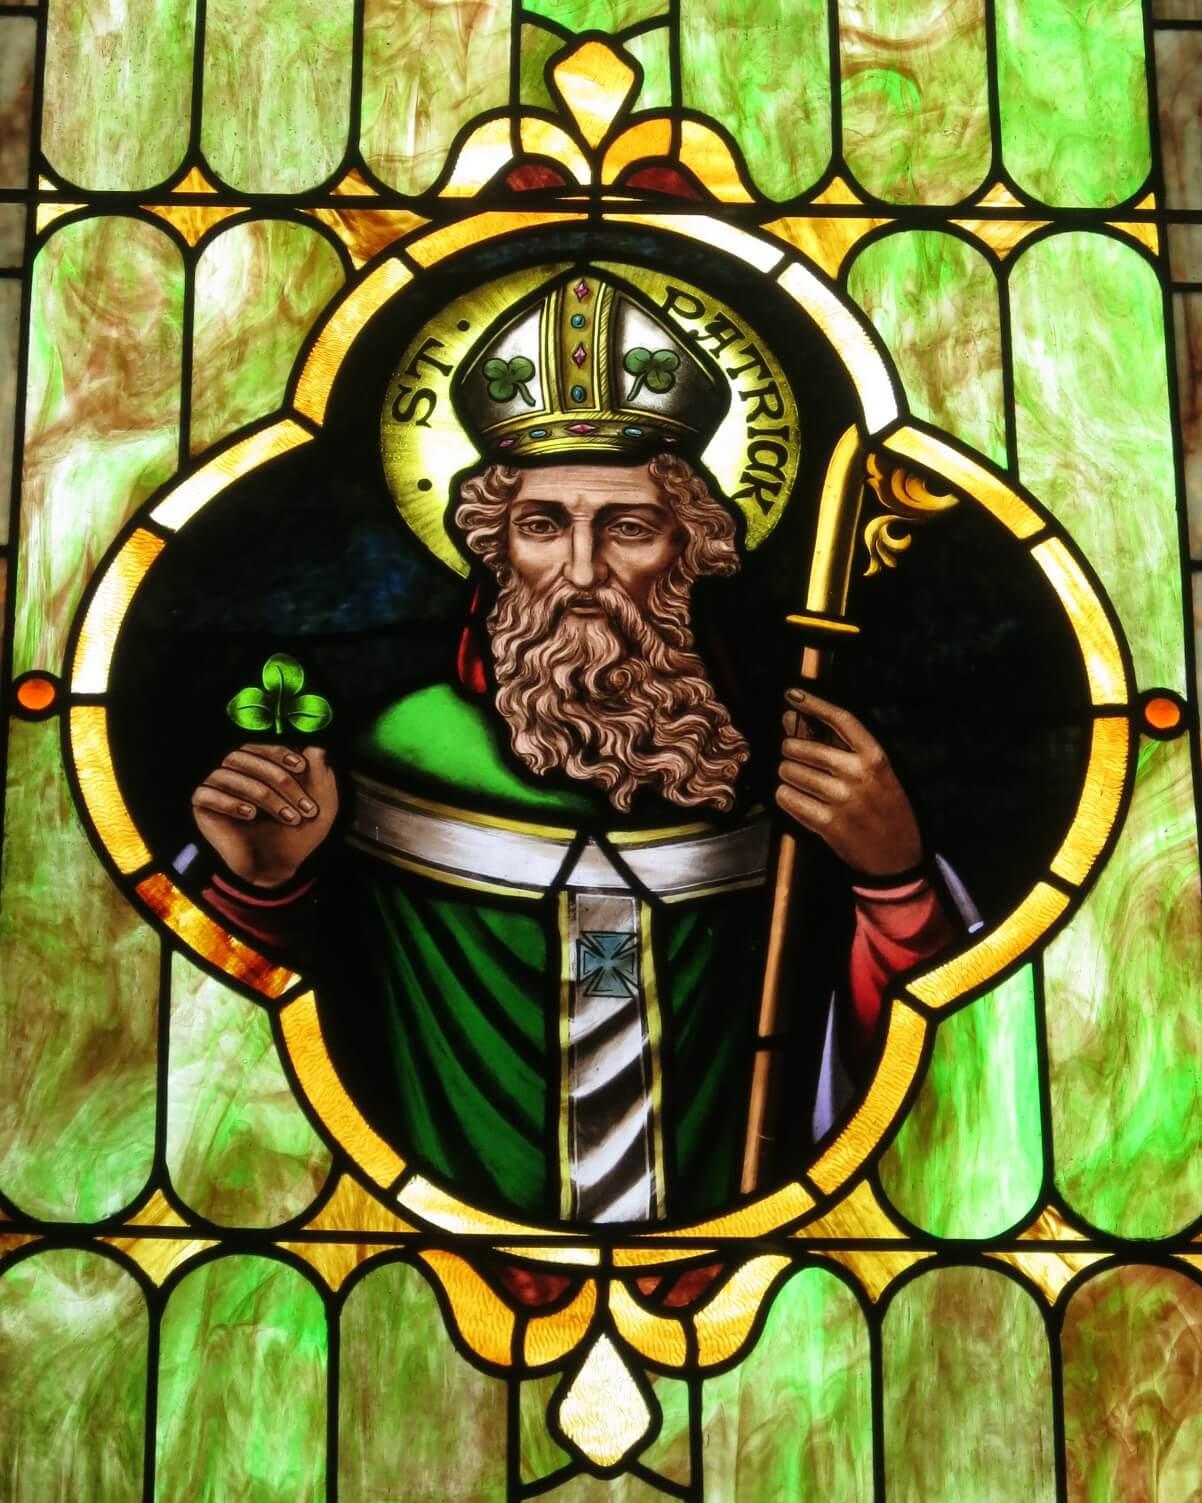 Der Heilige St. Patrick